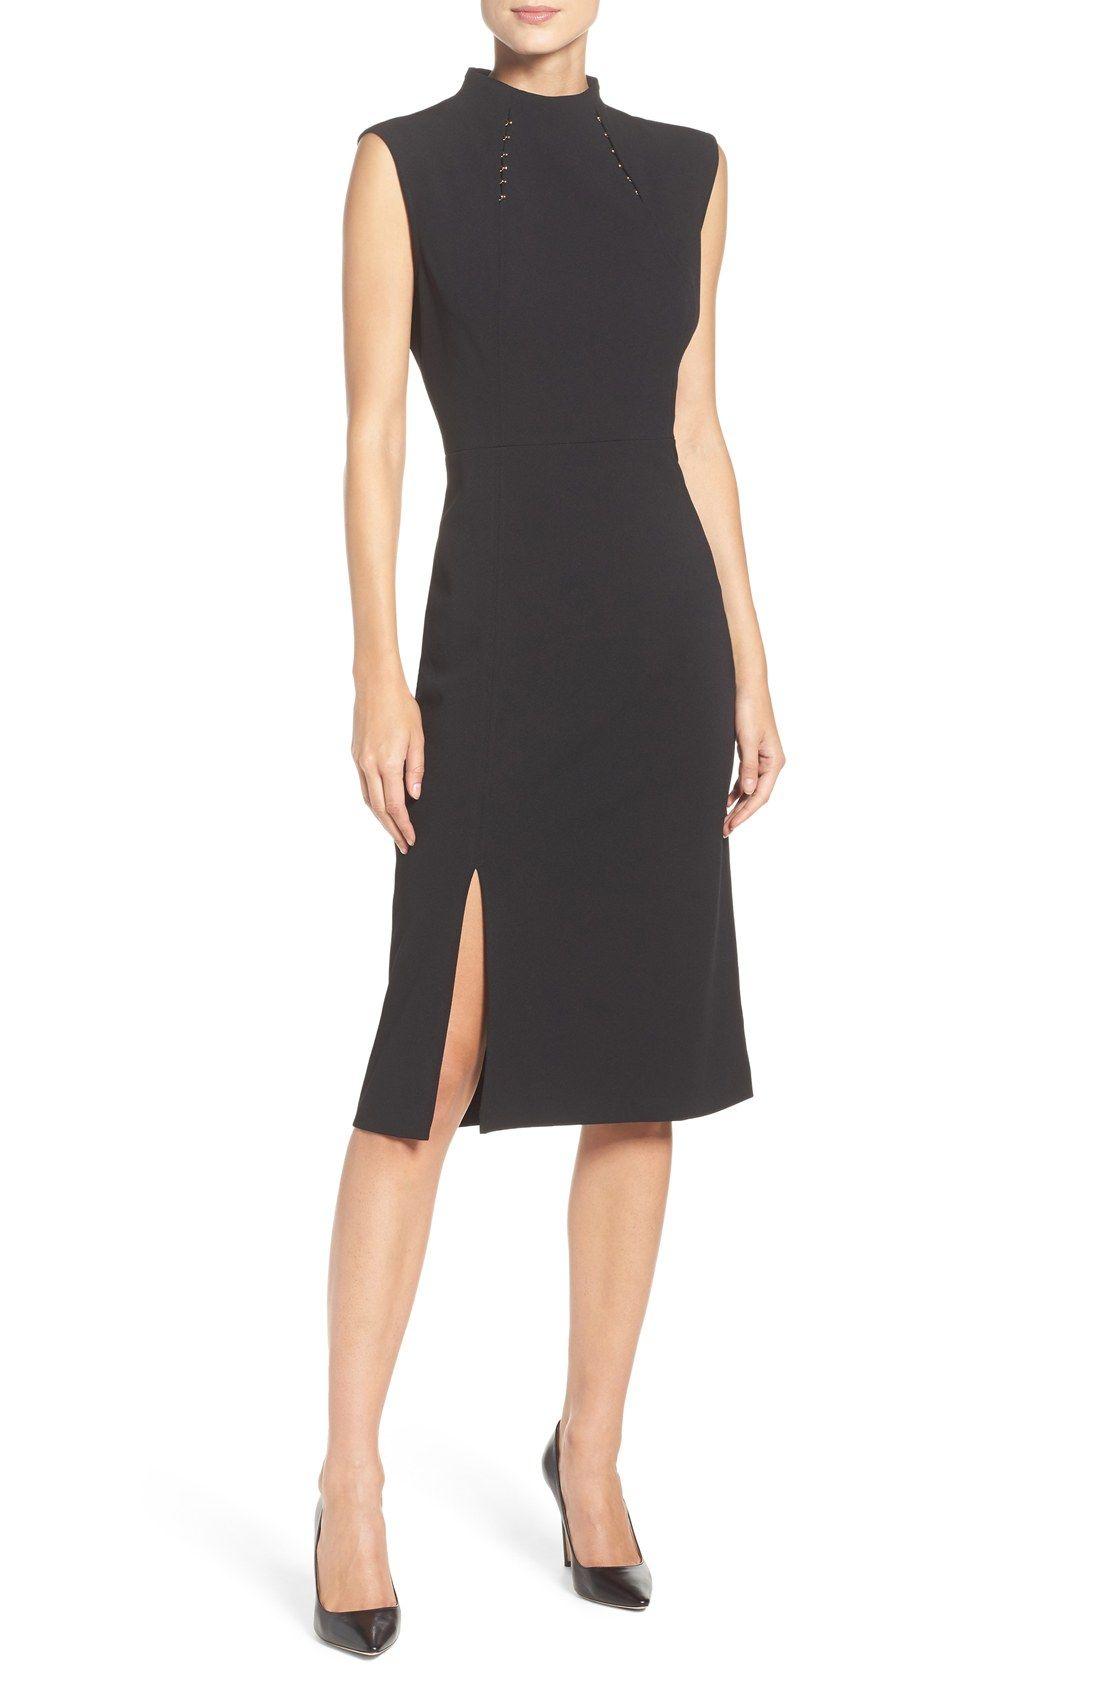 Ivanka Trump Crepe Midi Dress Nordstrom Dresses Clothes Design Cocktail Dress Classy [ 1687 x 1100 Pixel ]